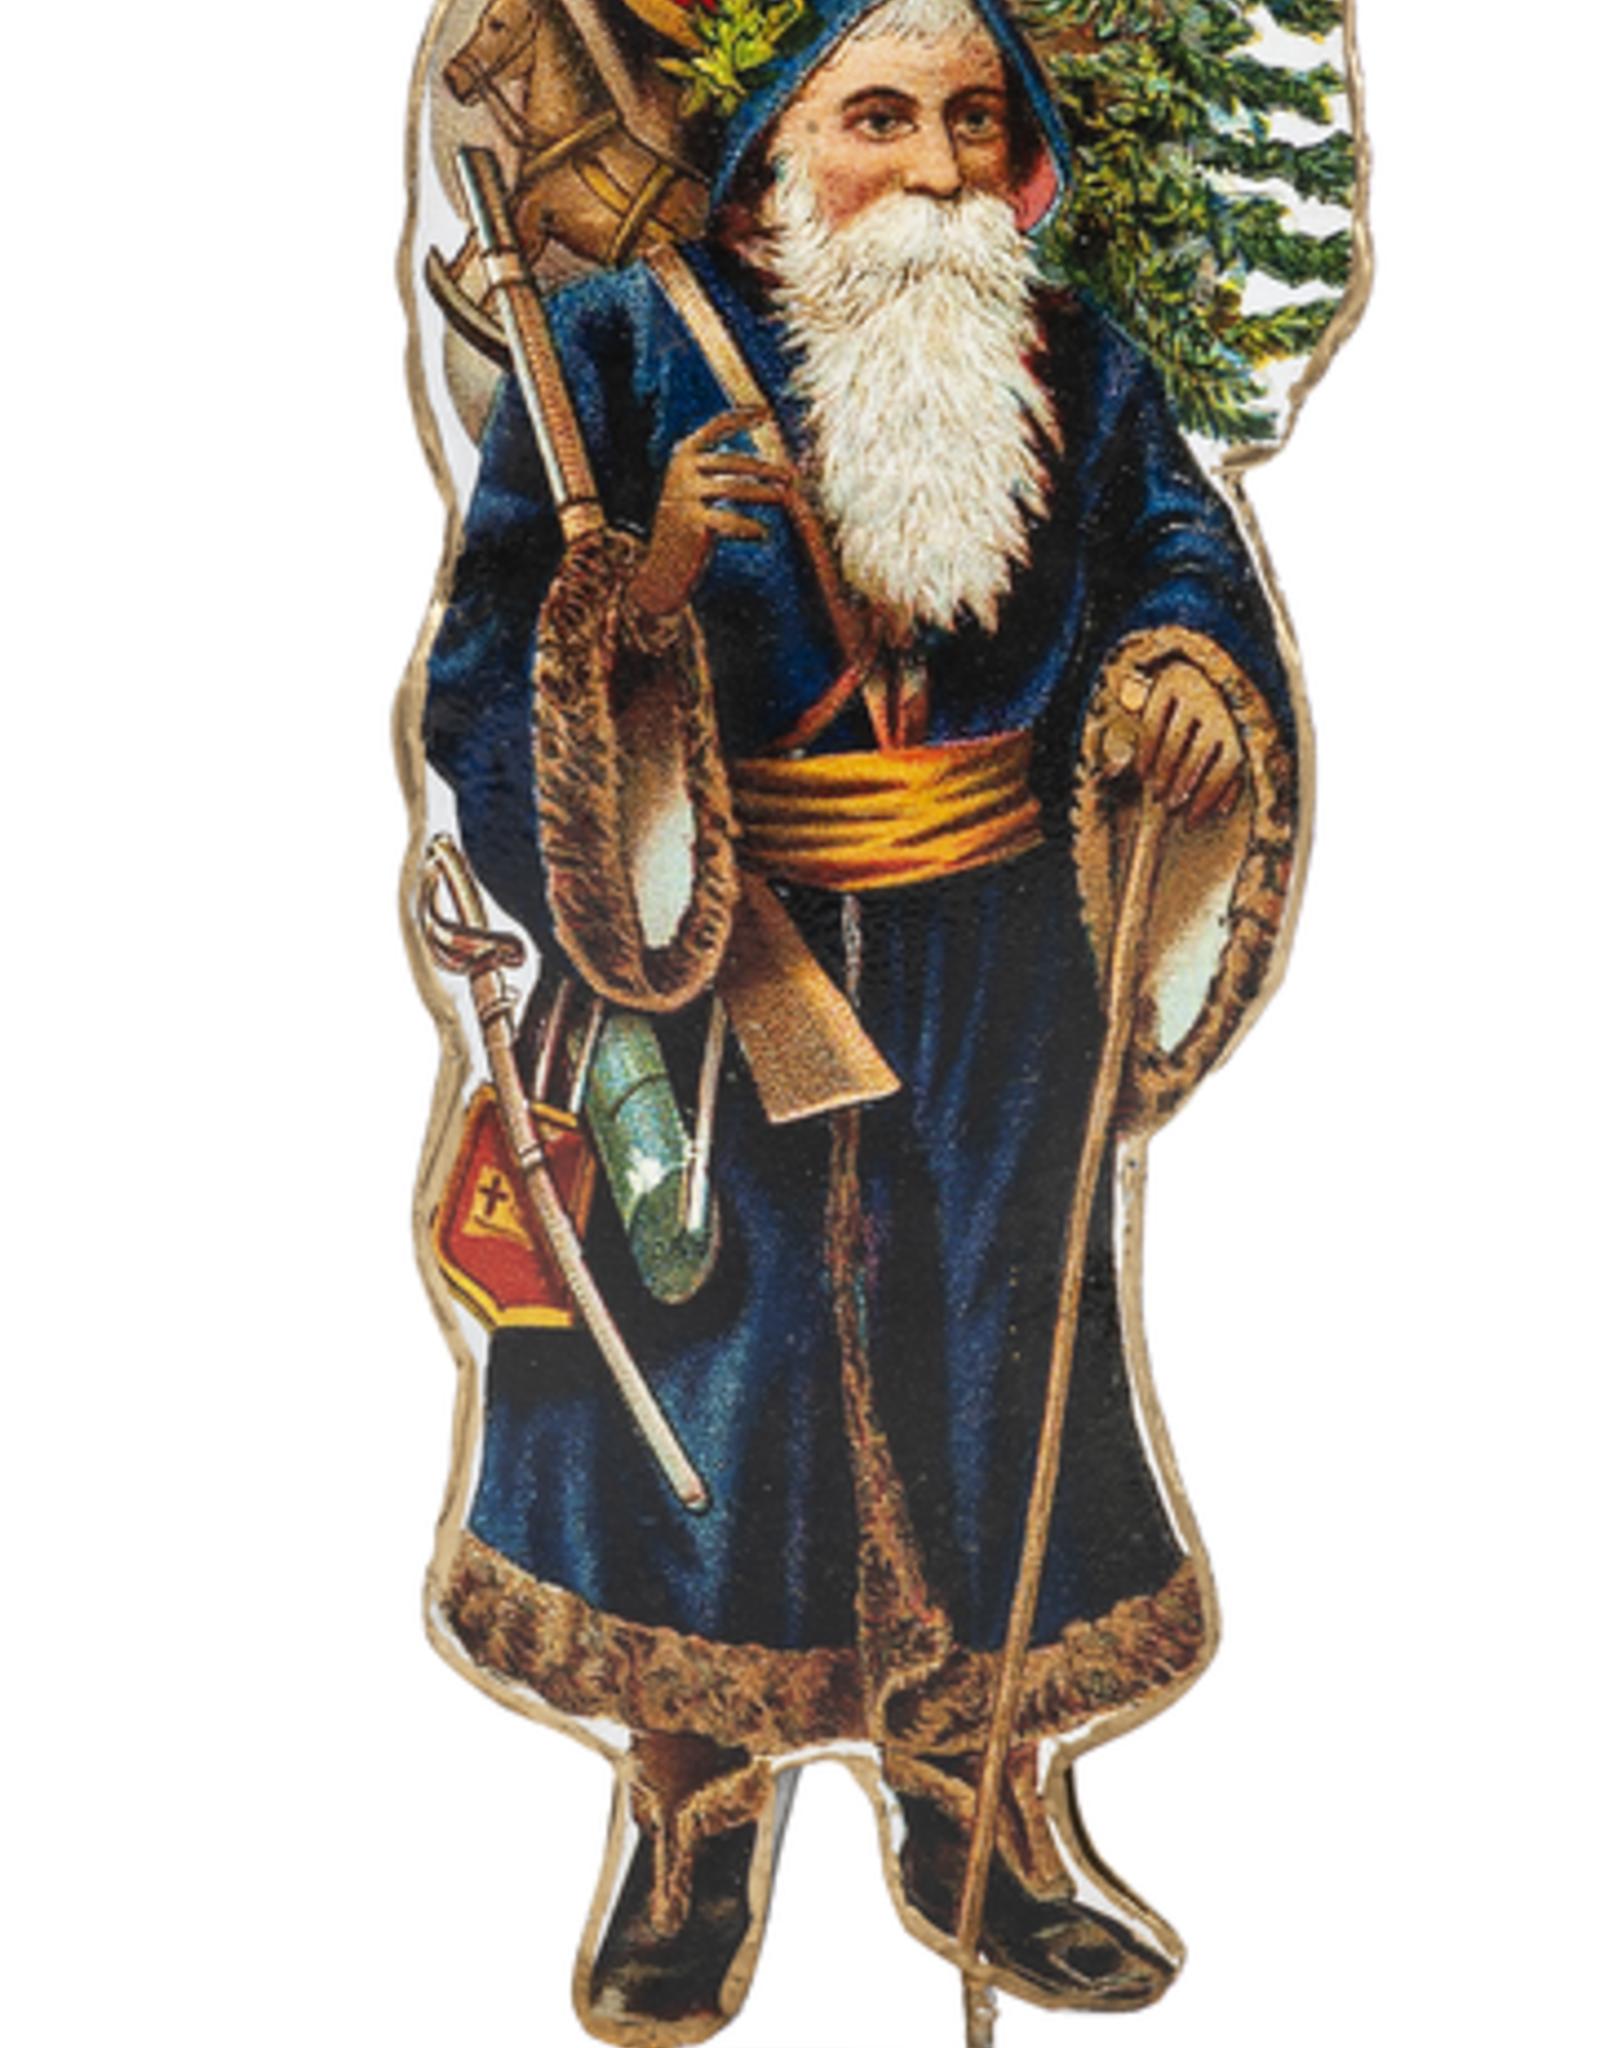 Midwest-CBK Vintage Metal Santa